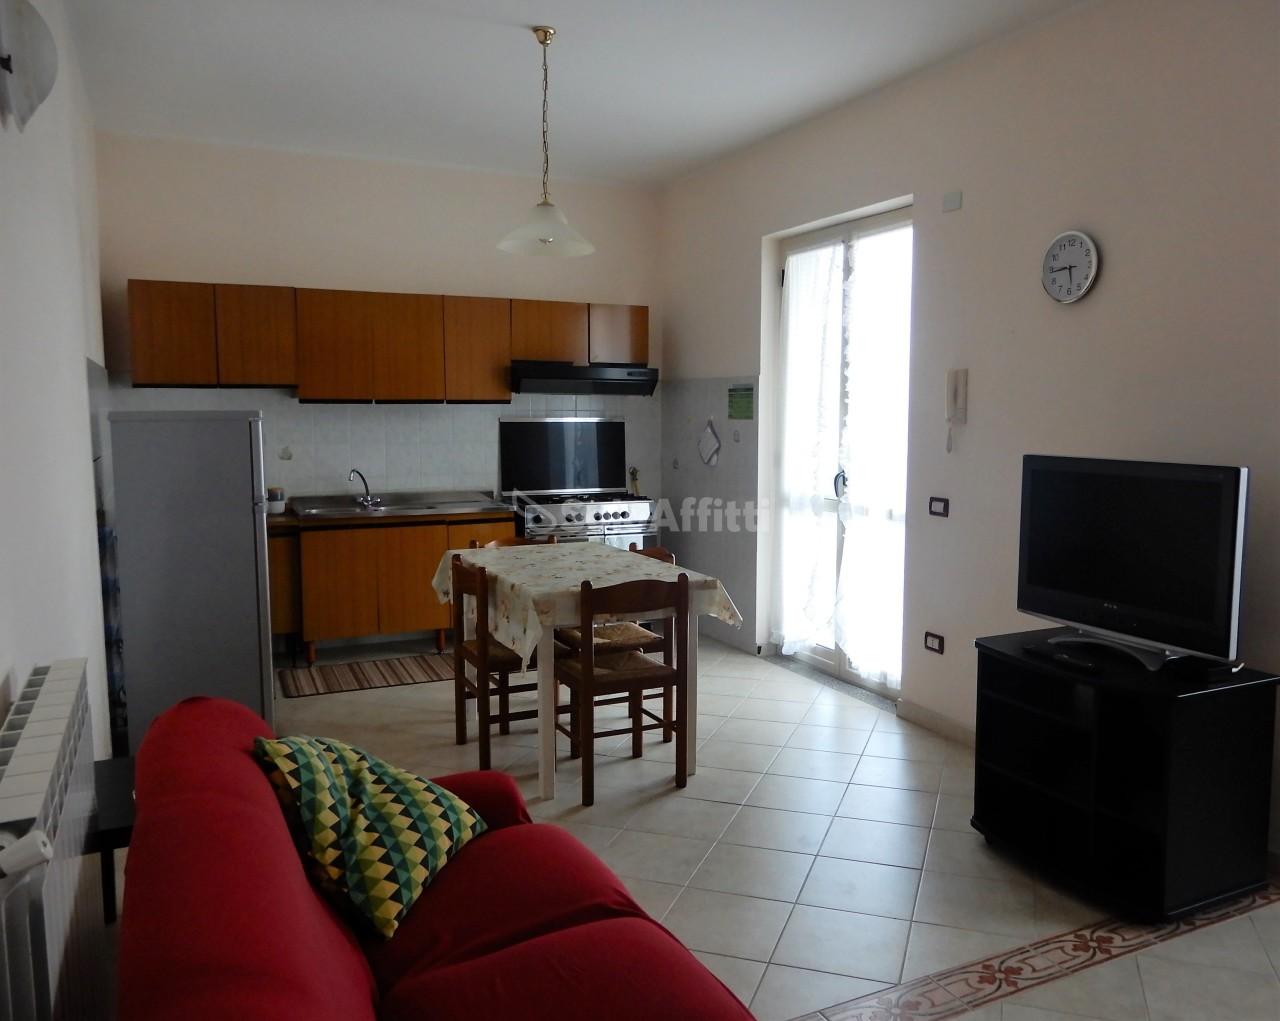 Appartamento - Quadrilocale a Lido Giovino, Catanzaro